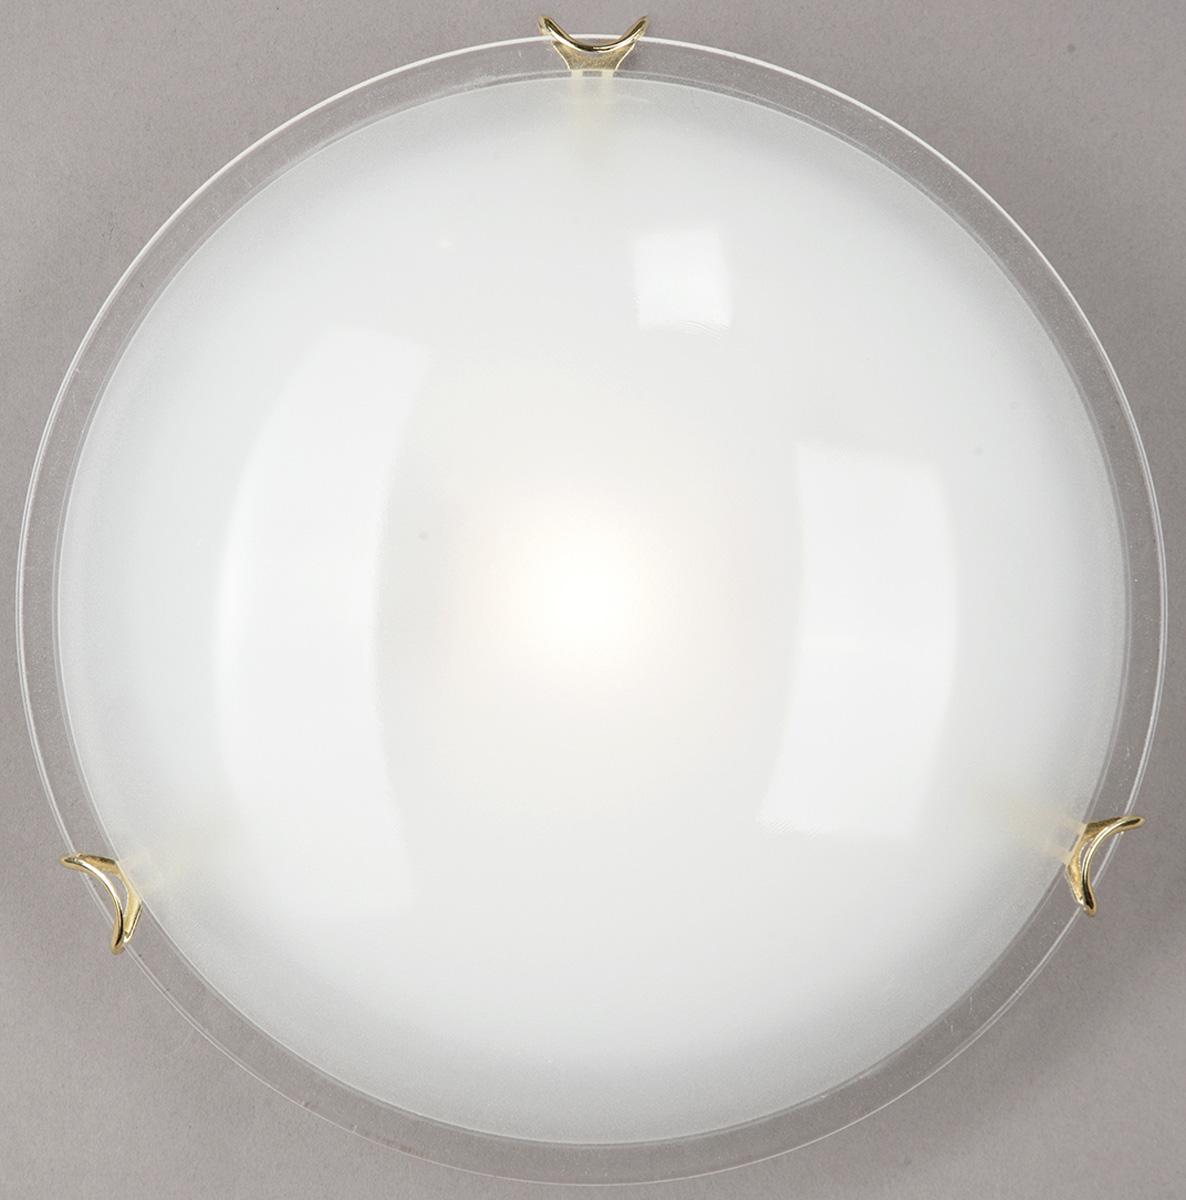 Светильник настенный Vitaluce, 1 х E27, 100 Вт. V6281/1AV6281/1AСветильник Vitaluce, выполненный из высококачественных материалов, крепится к стене. Изделие имеет оригинальный дизайн. Оно дополнит интерьер спальной комнаты или гостиной. К светильнику предусмотрен цоколь Е27 для лампы мощностью 100 Вт.